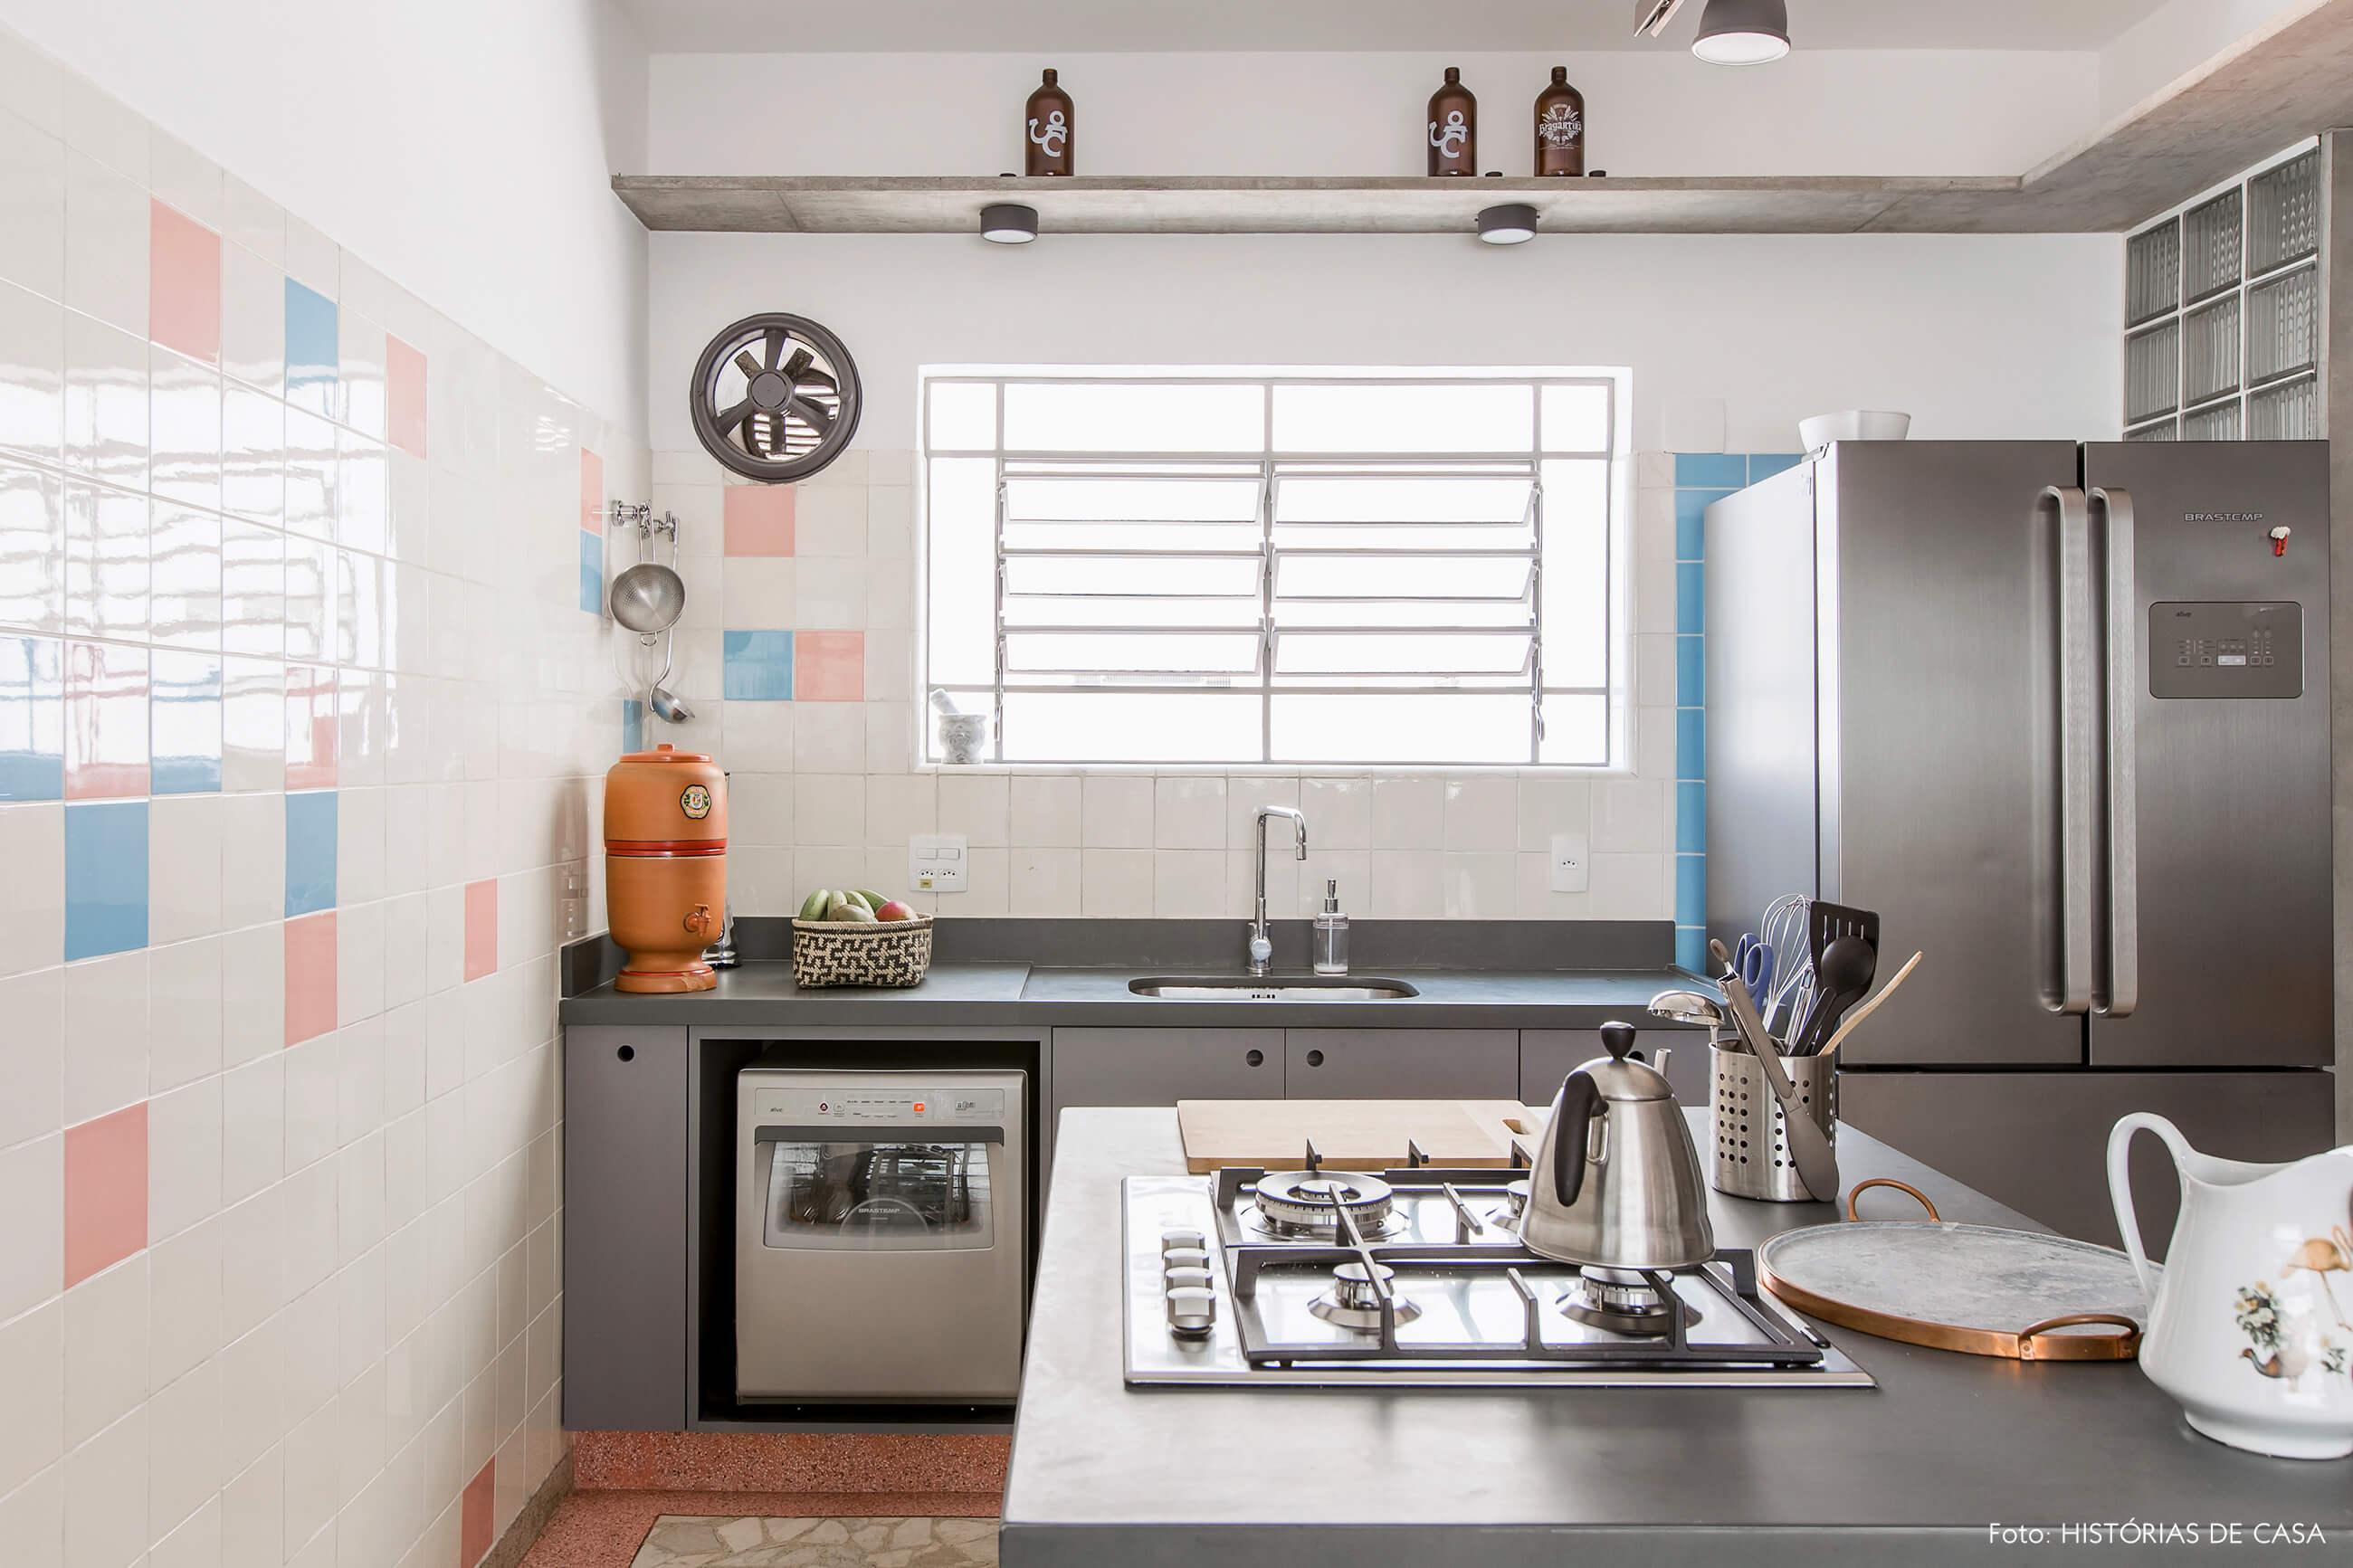 Cozinha vintage reformada com piso de granilite e prateleiras de concreto